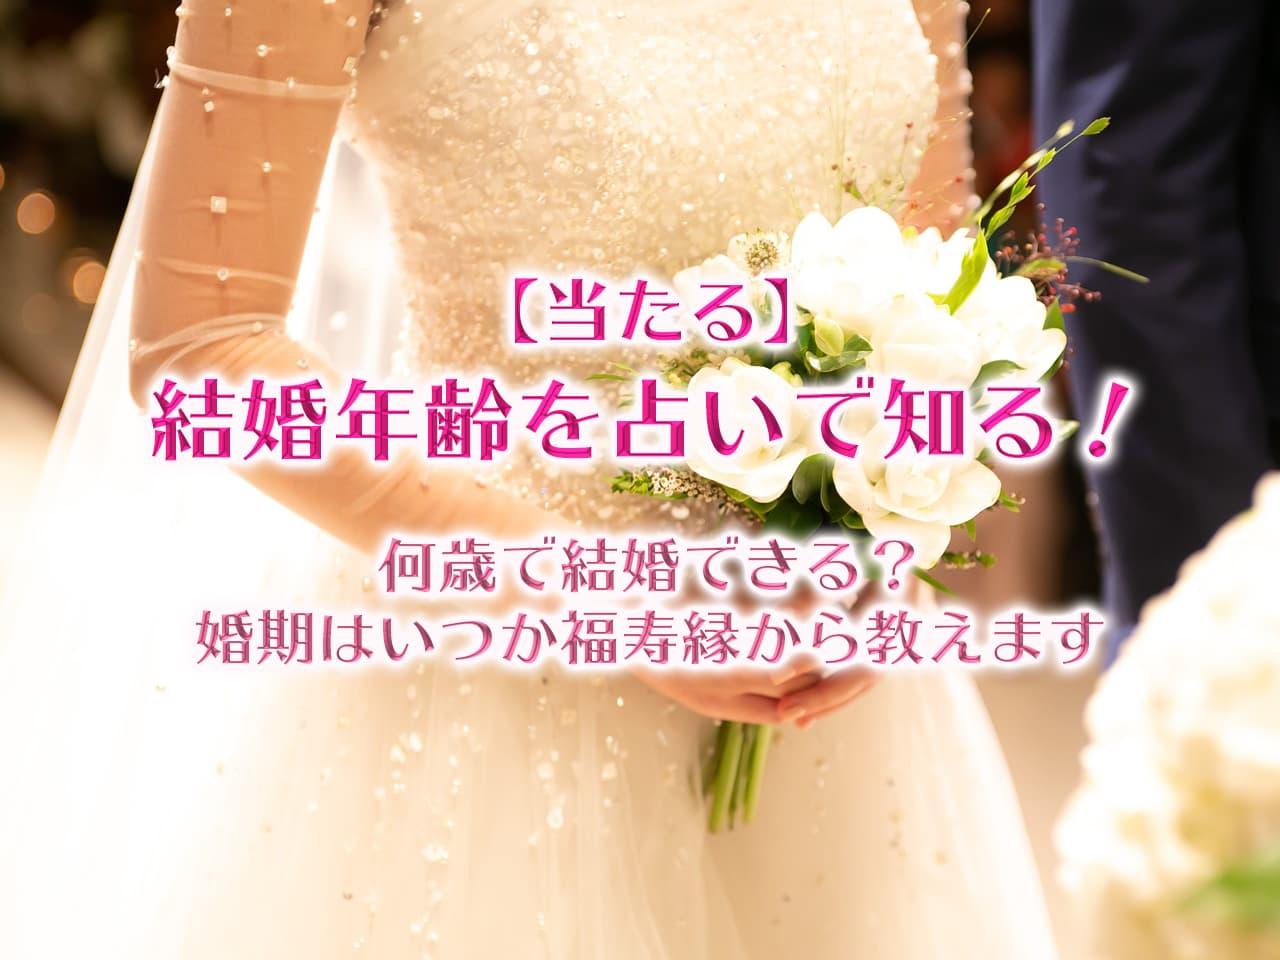 【当たる】結婚年齢を占いで知る!何歳で結婚できる?婚期はいつか福寿縁から教えます